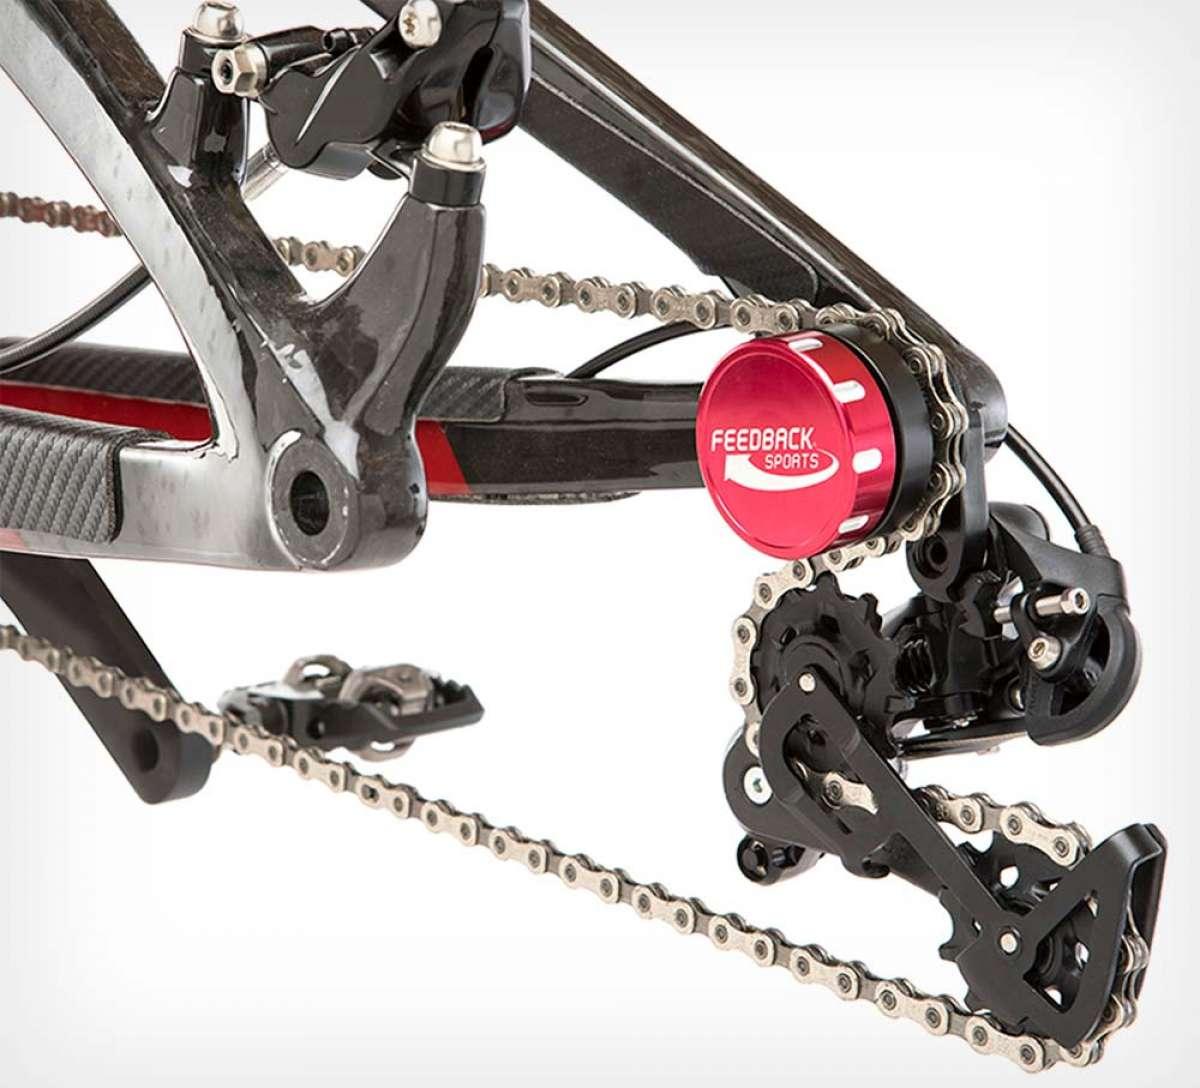 Soporte de cadena Feedback Sports, un accesorio que mantiene la cadena tensada con la rueda trasera desmontada